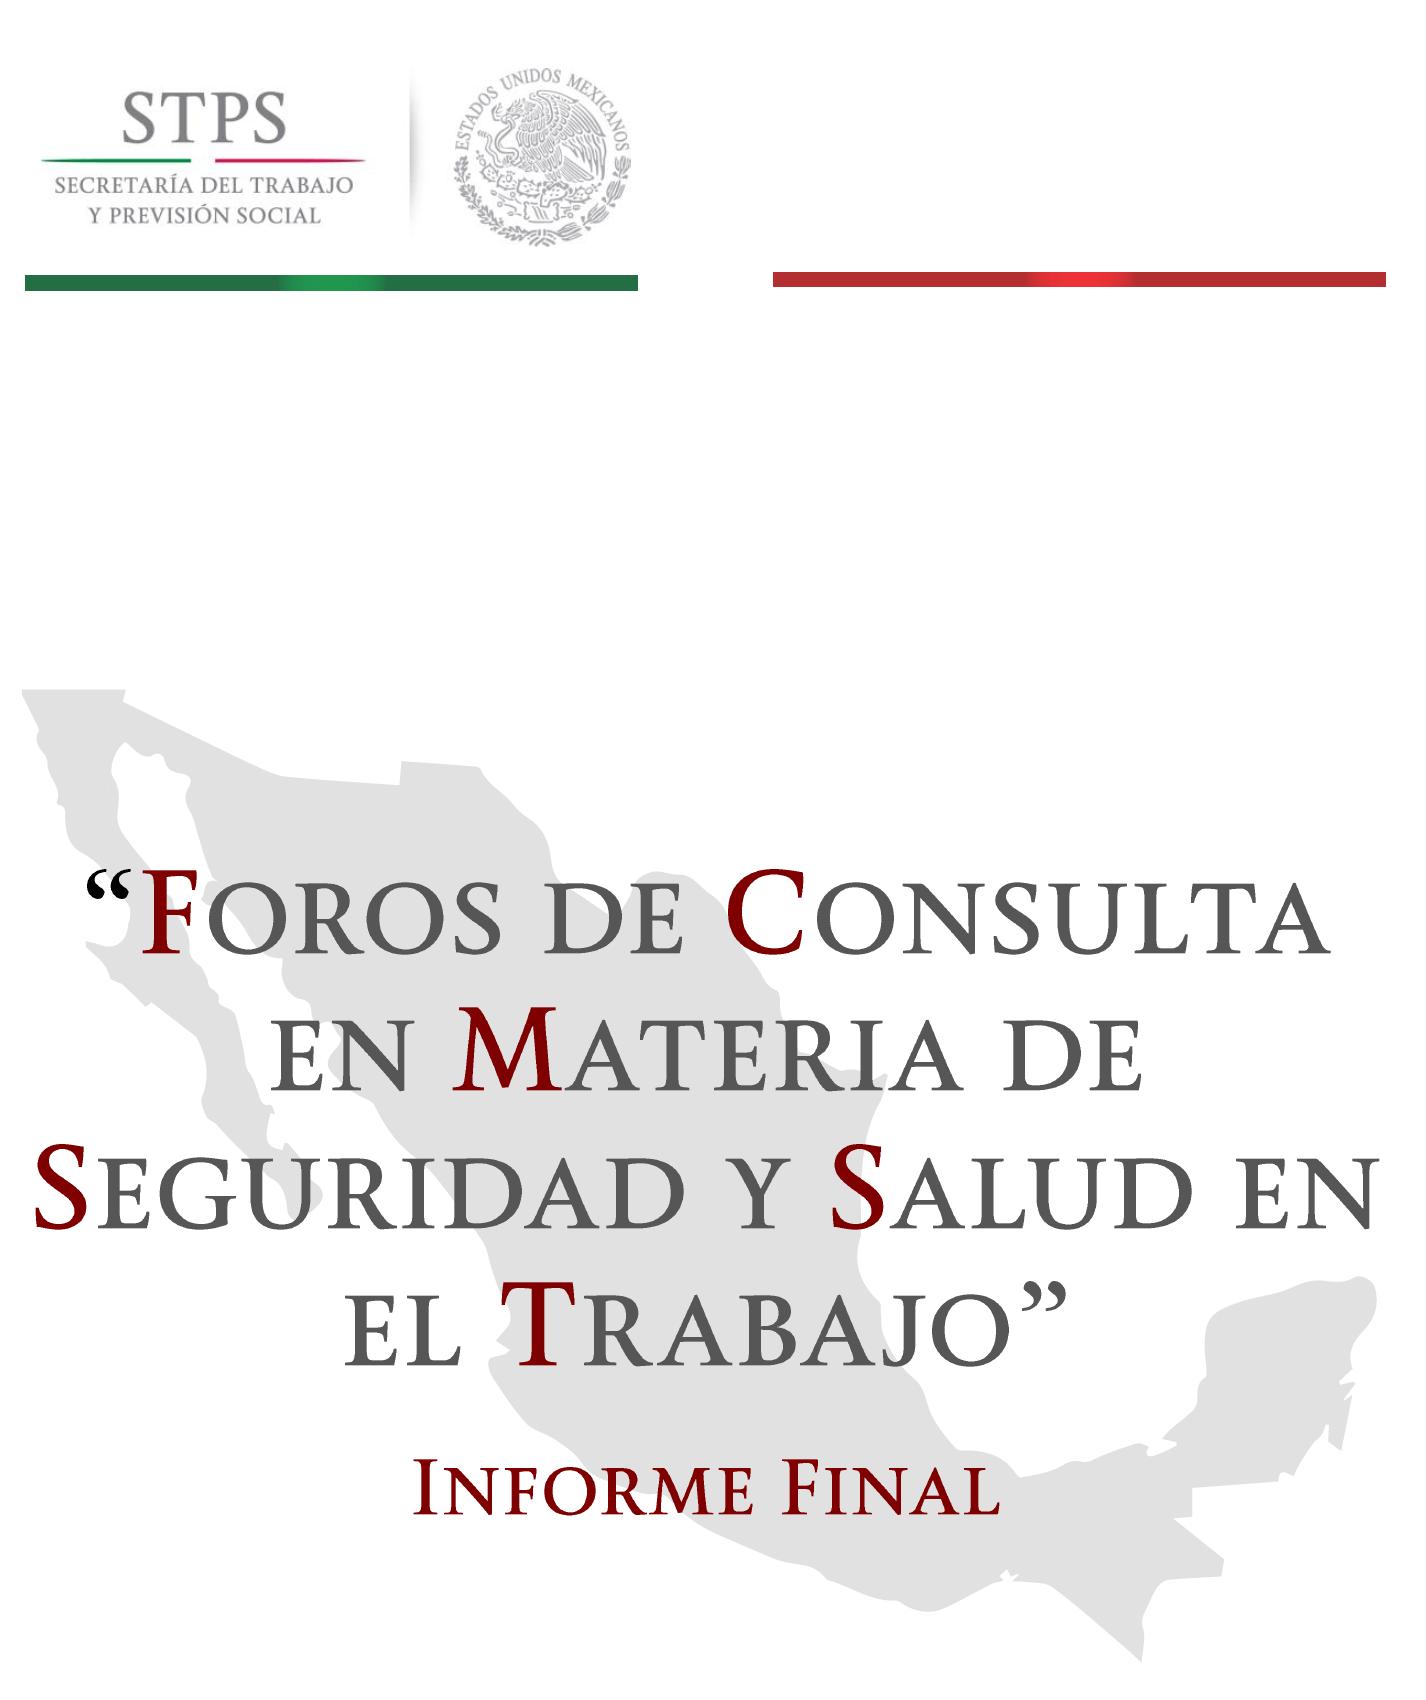 Informe final de los Foros de Consulta en Materia de Seguridad y Salud en el Trabajo